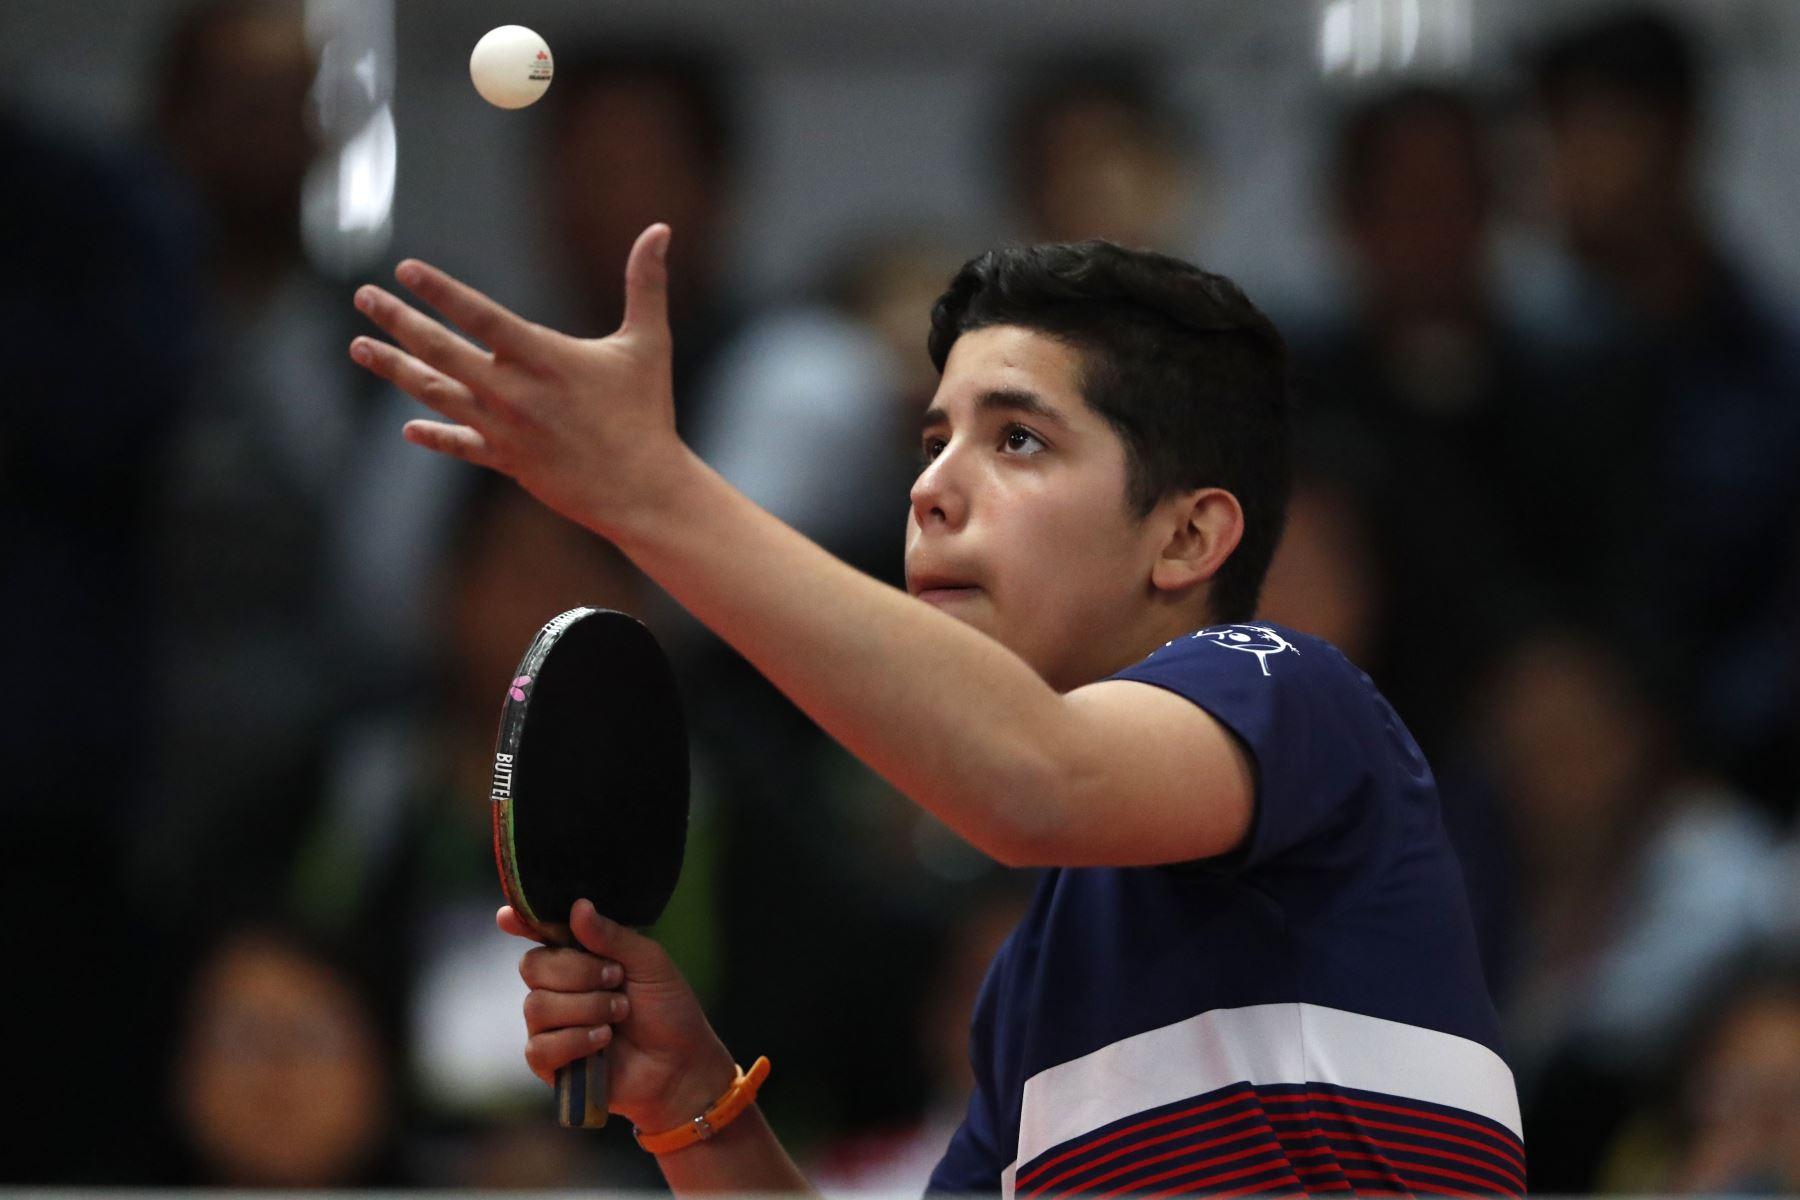 Tenis de Mesa por  los Juegos Deportivos Escolares Nacionales en la Federación Peruana de Tenis de Mesa del Estadio Nacional. Foto: ANDINA/ Carlos Lezama